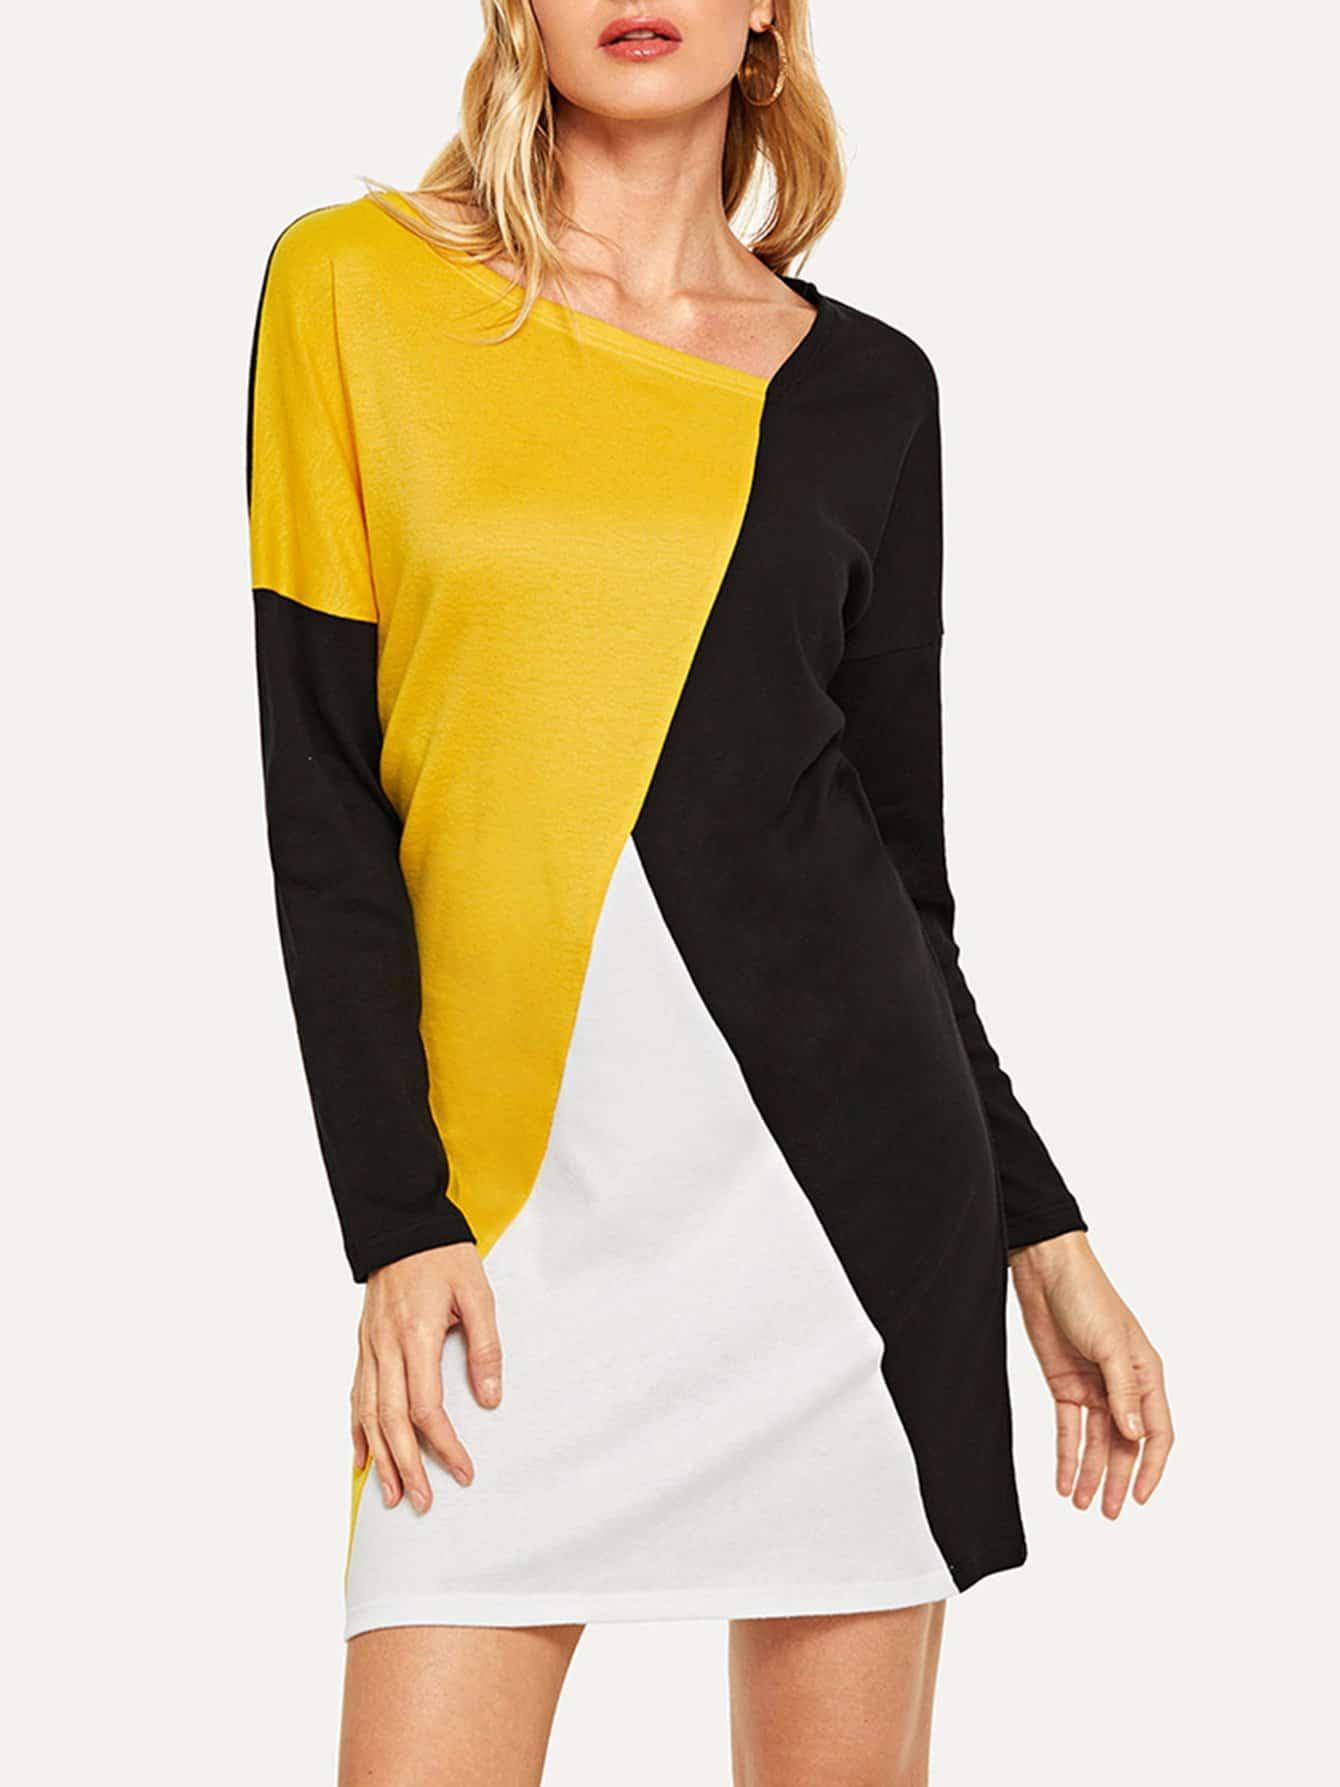 Купить Платье с контрастным асимметричным воротником, Masha, SheIn